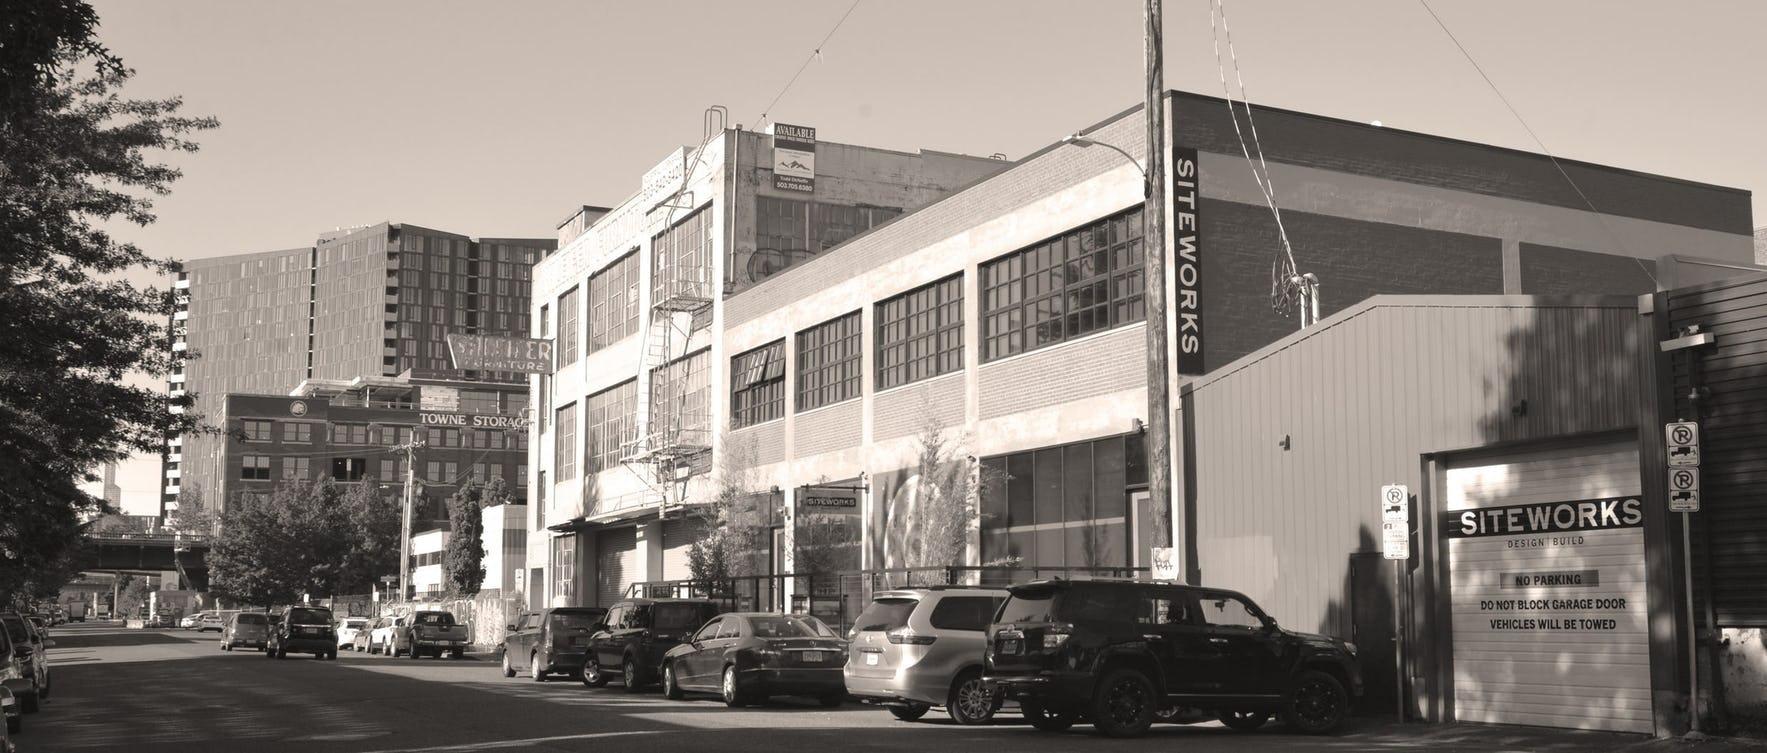 About siteworks designbuild urm portland adaptive reuse 1